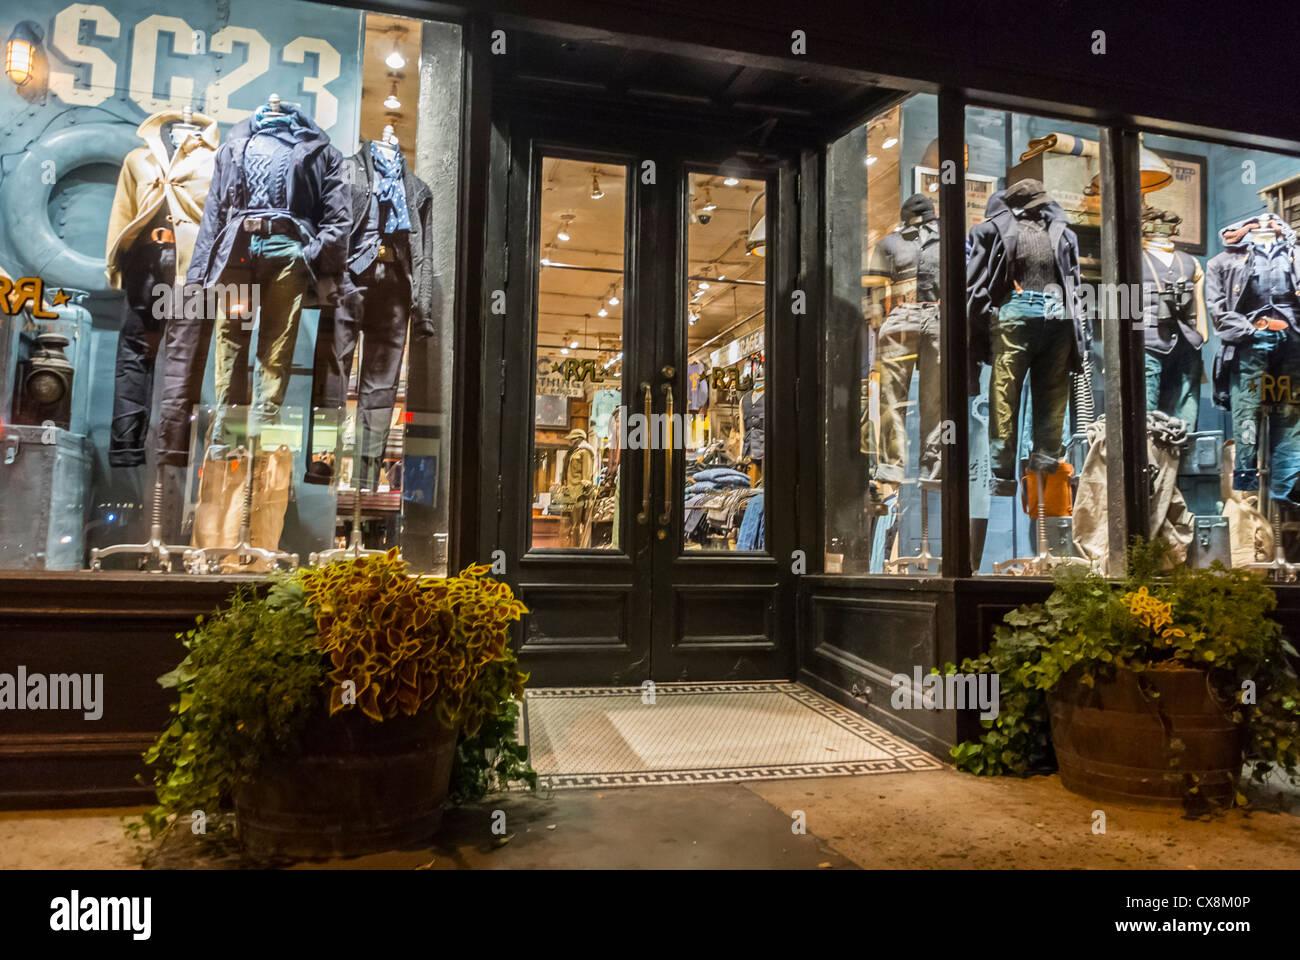 store fronts new york city usa stockfotos und -bilder kaufen